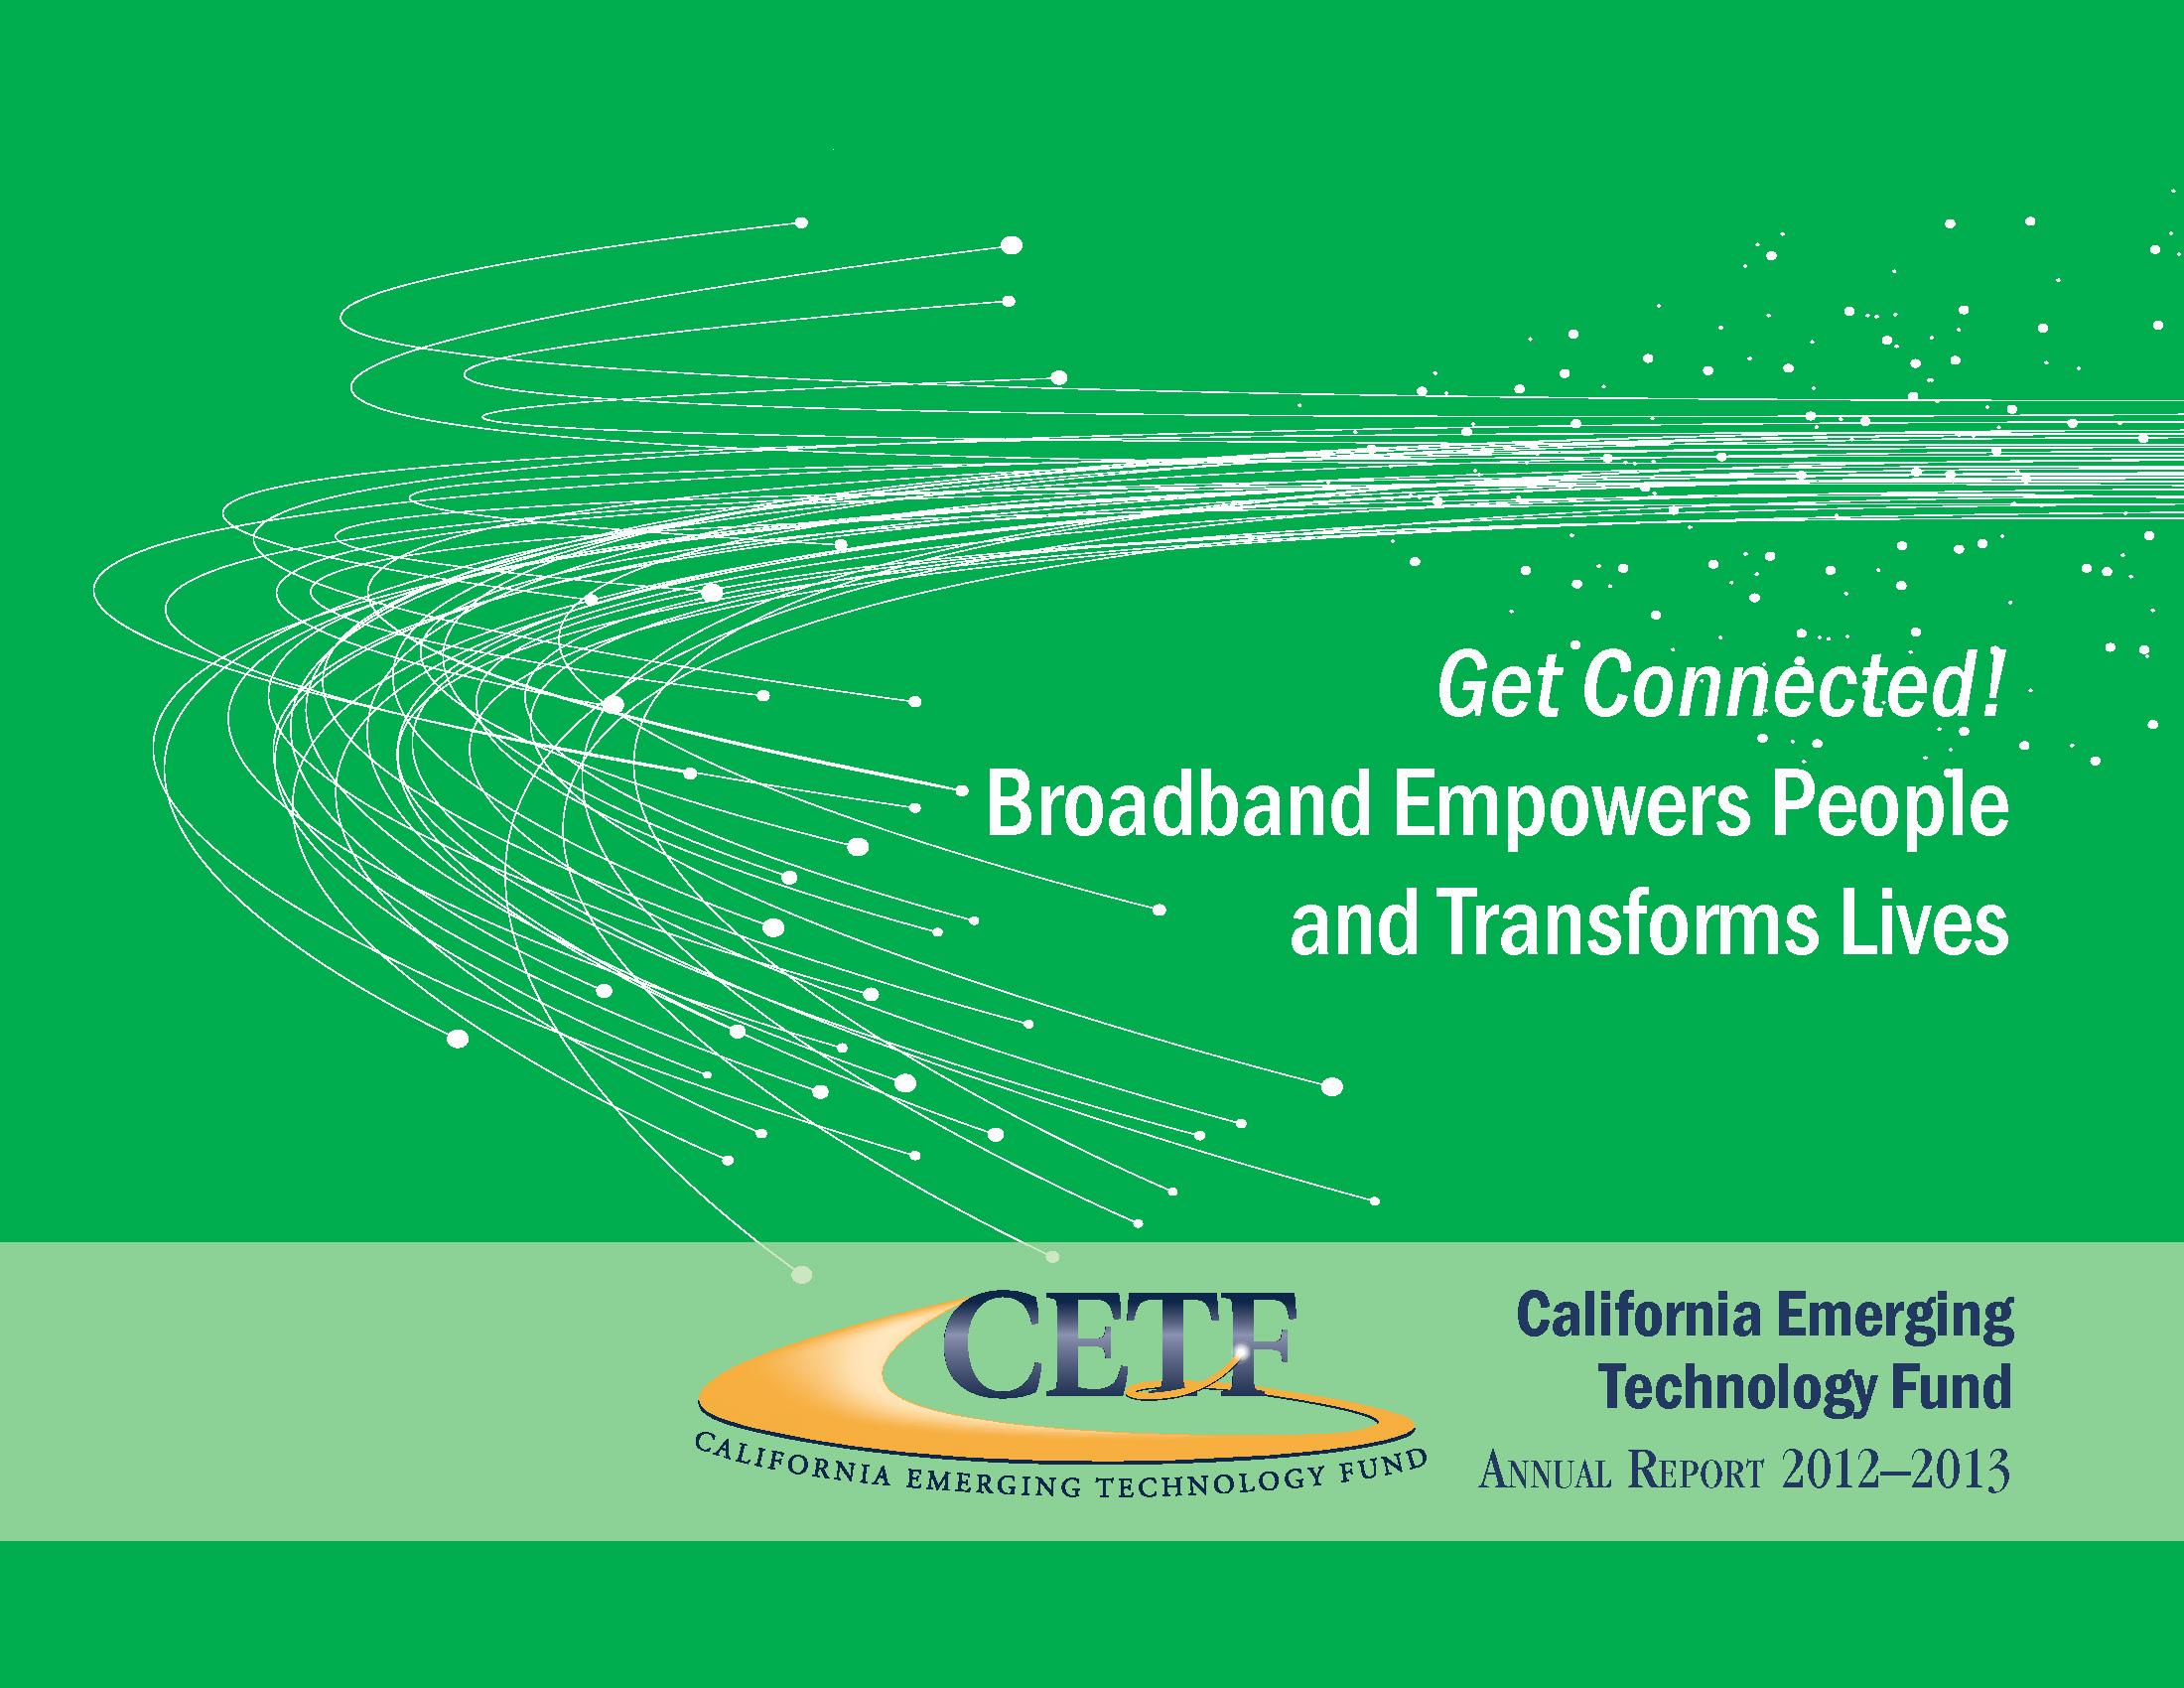 CETF Annual Report 2012-2013